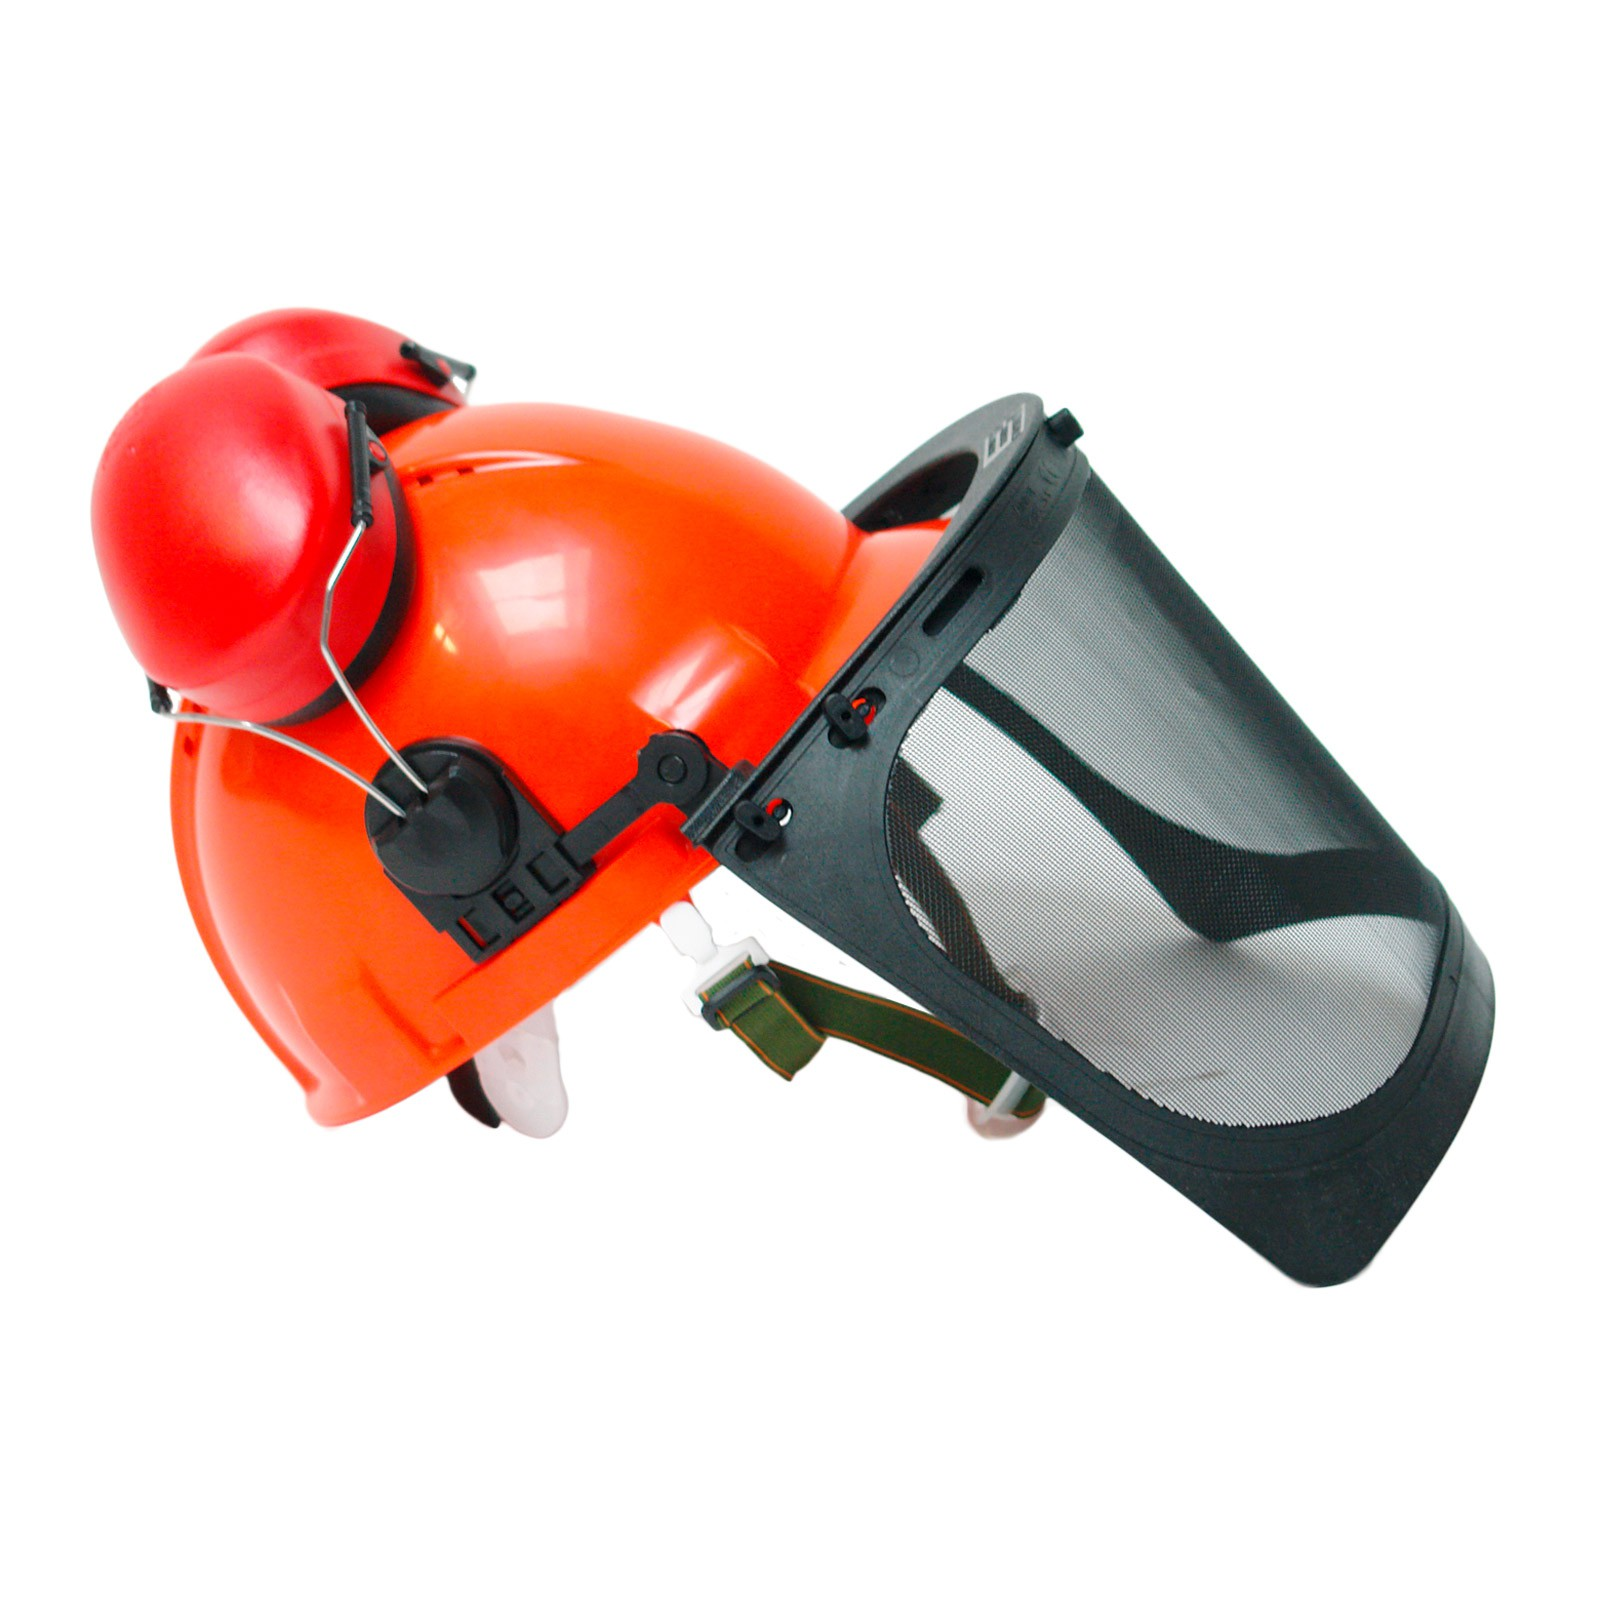 Bild zu Forsthelm / Forstschutzhelm 54-63 cm orange normgerecht PSA-Forst